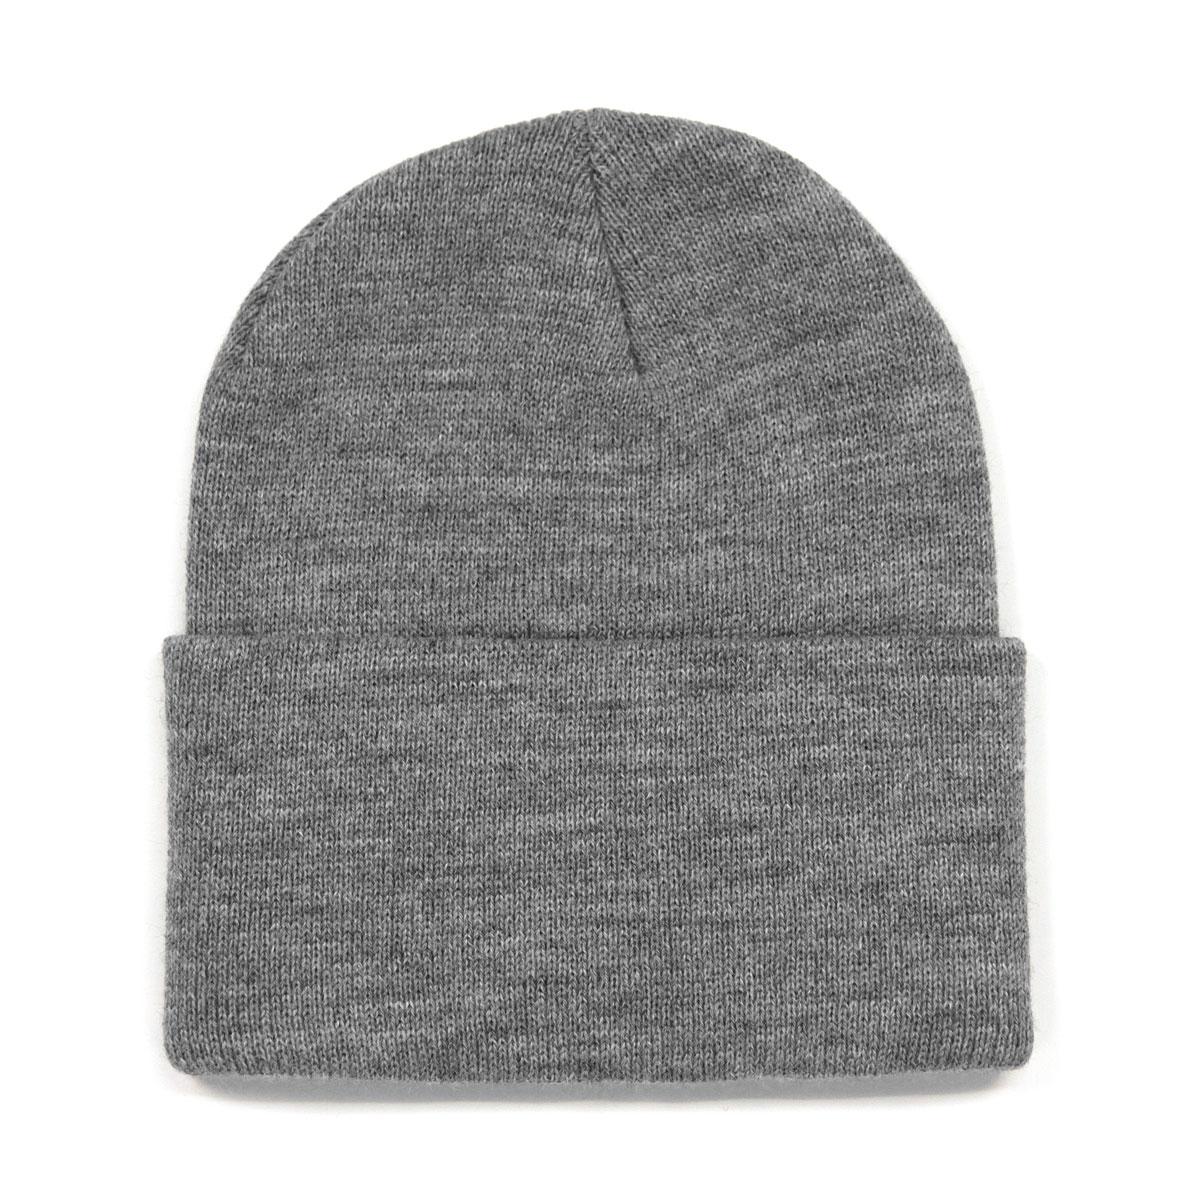 ポーラー POLER 正規販売店 ビーニー ニット帽 帽子 SUMMIT LABEL BEANIE 31790004-LTG LIGHT GREY A79B B3C C3D D4E E02F